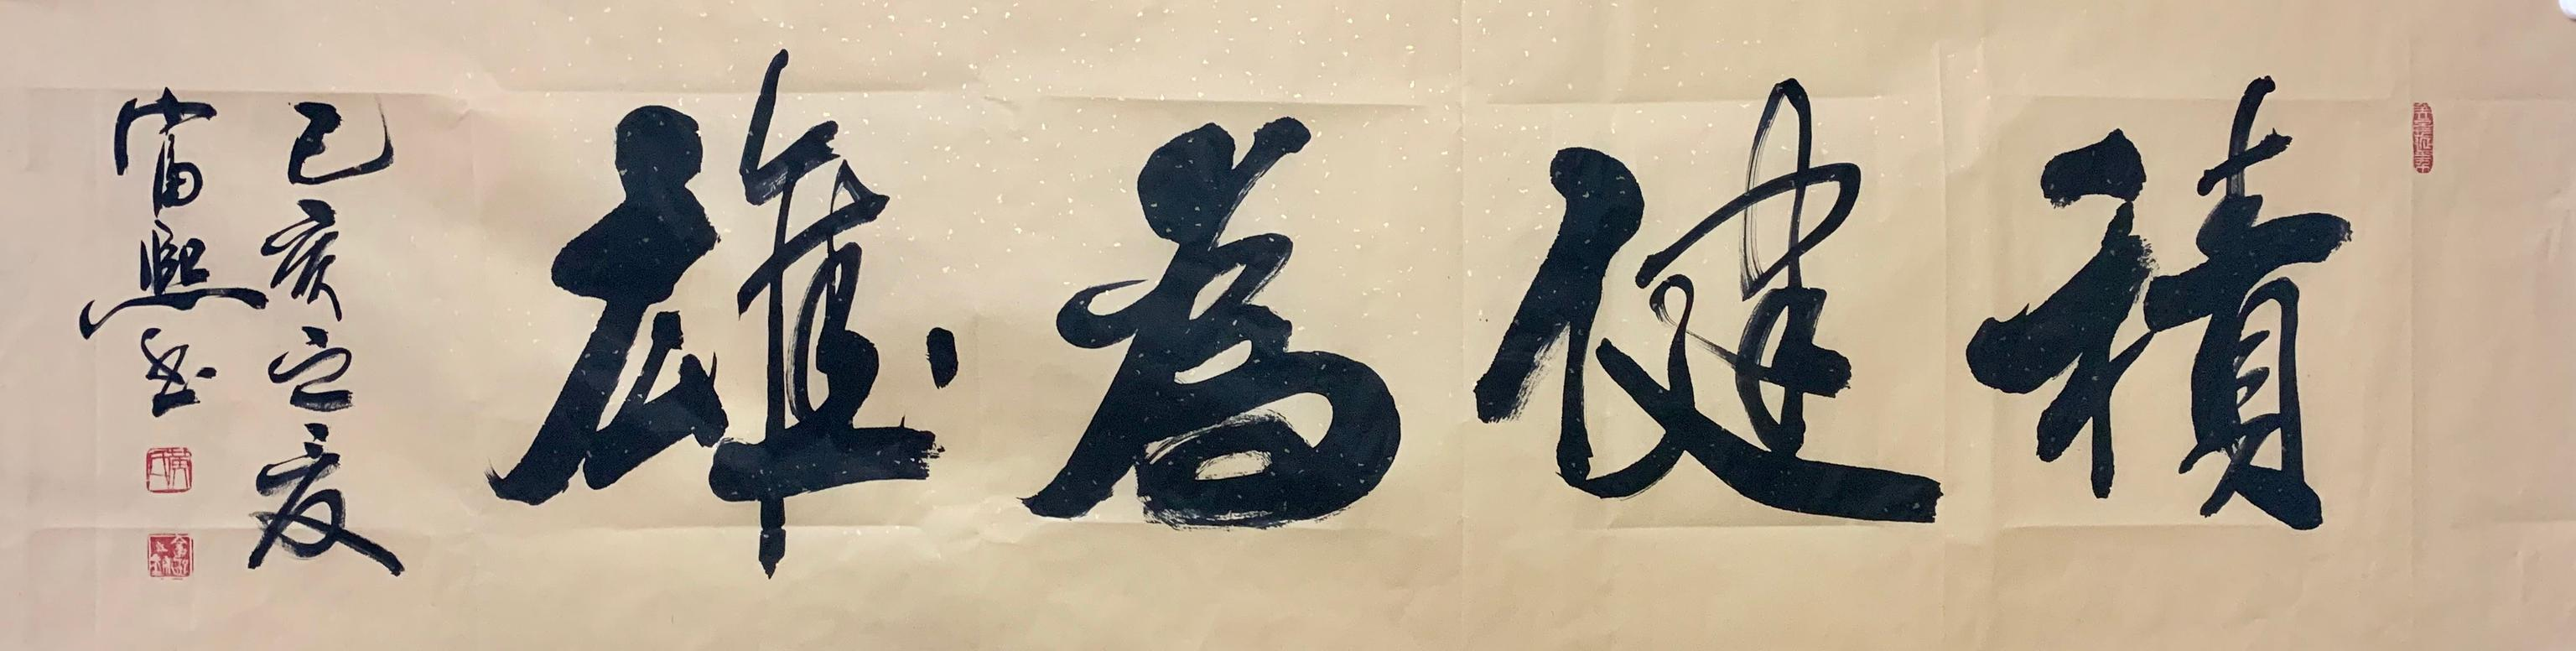 著名书法家黄富熙四字书法:章法完整、技法娴熟、内涵丰富